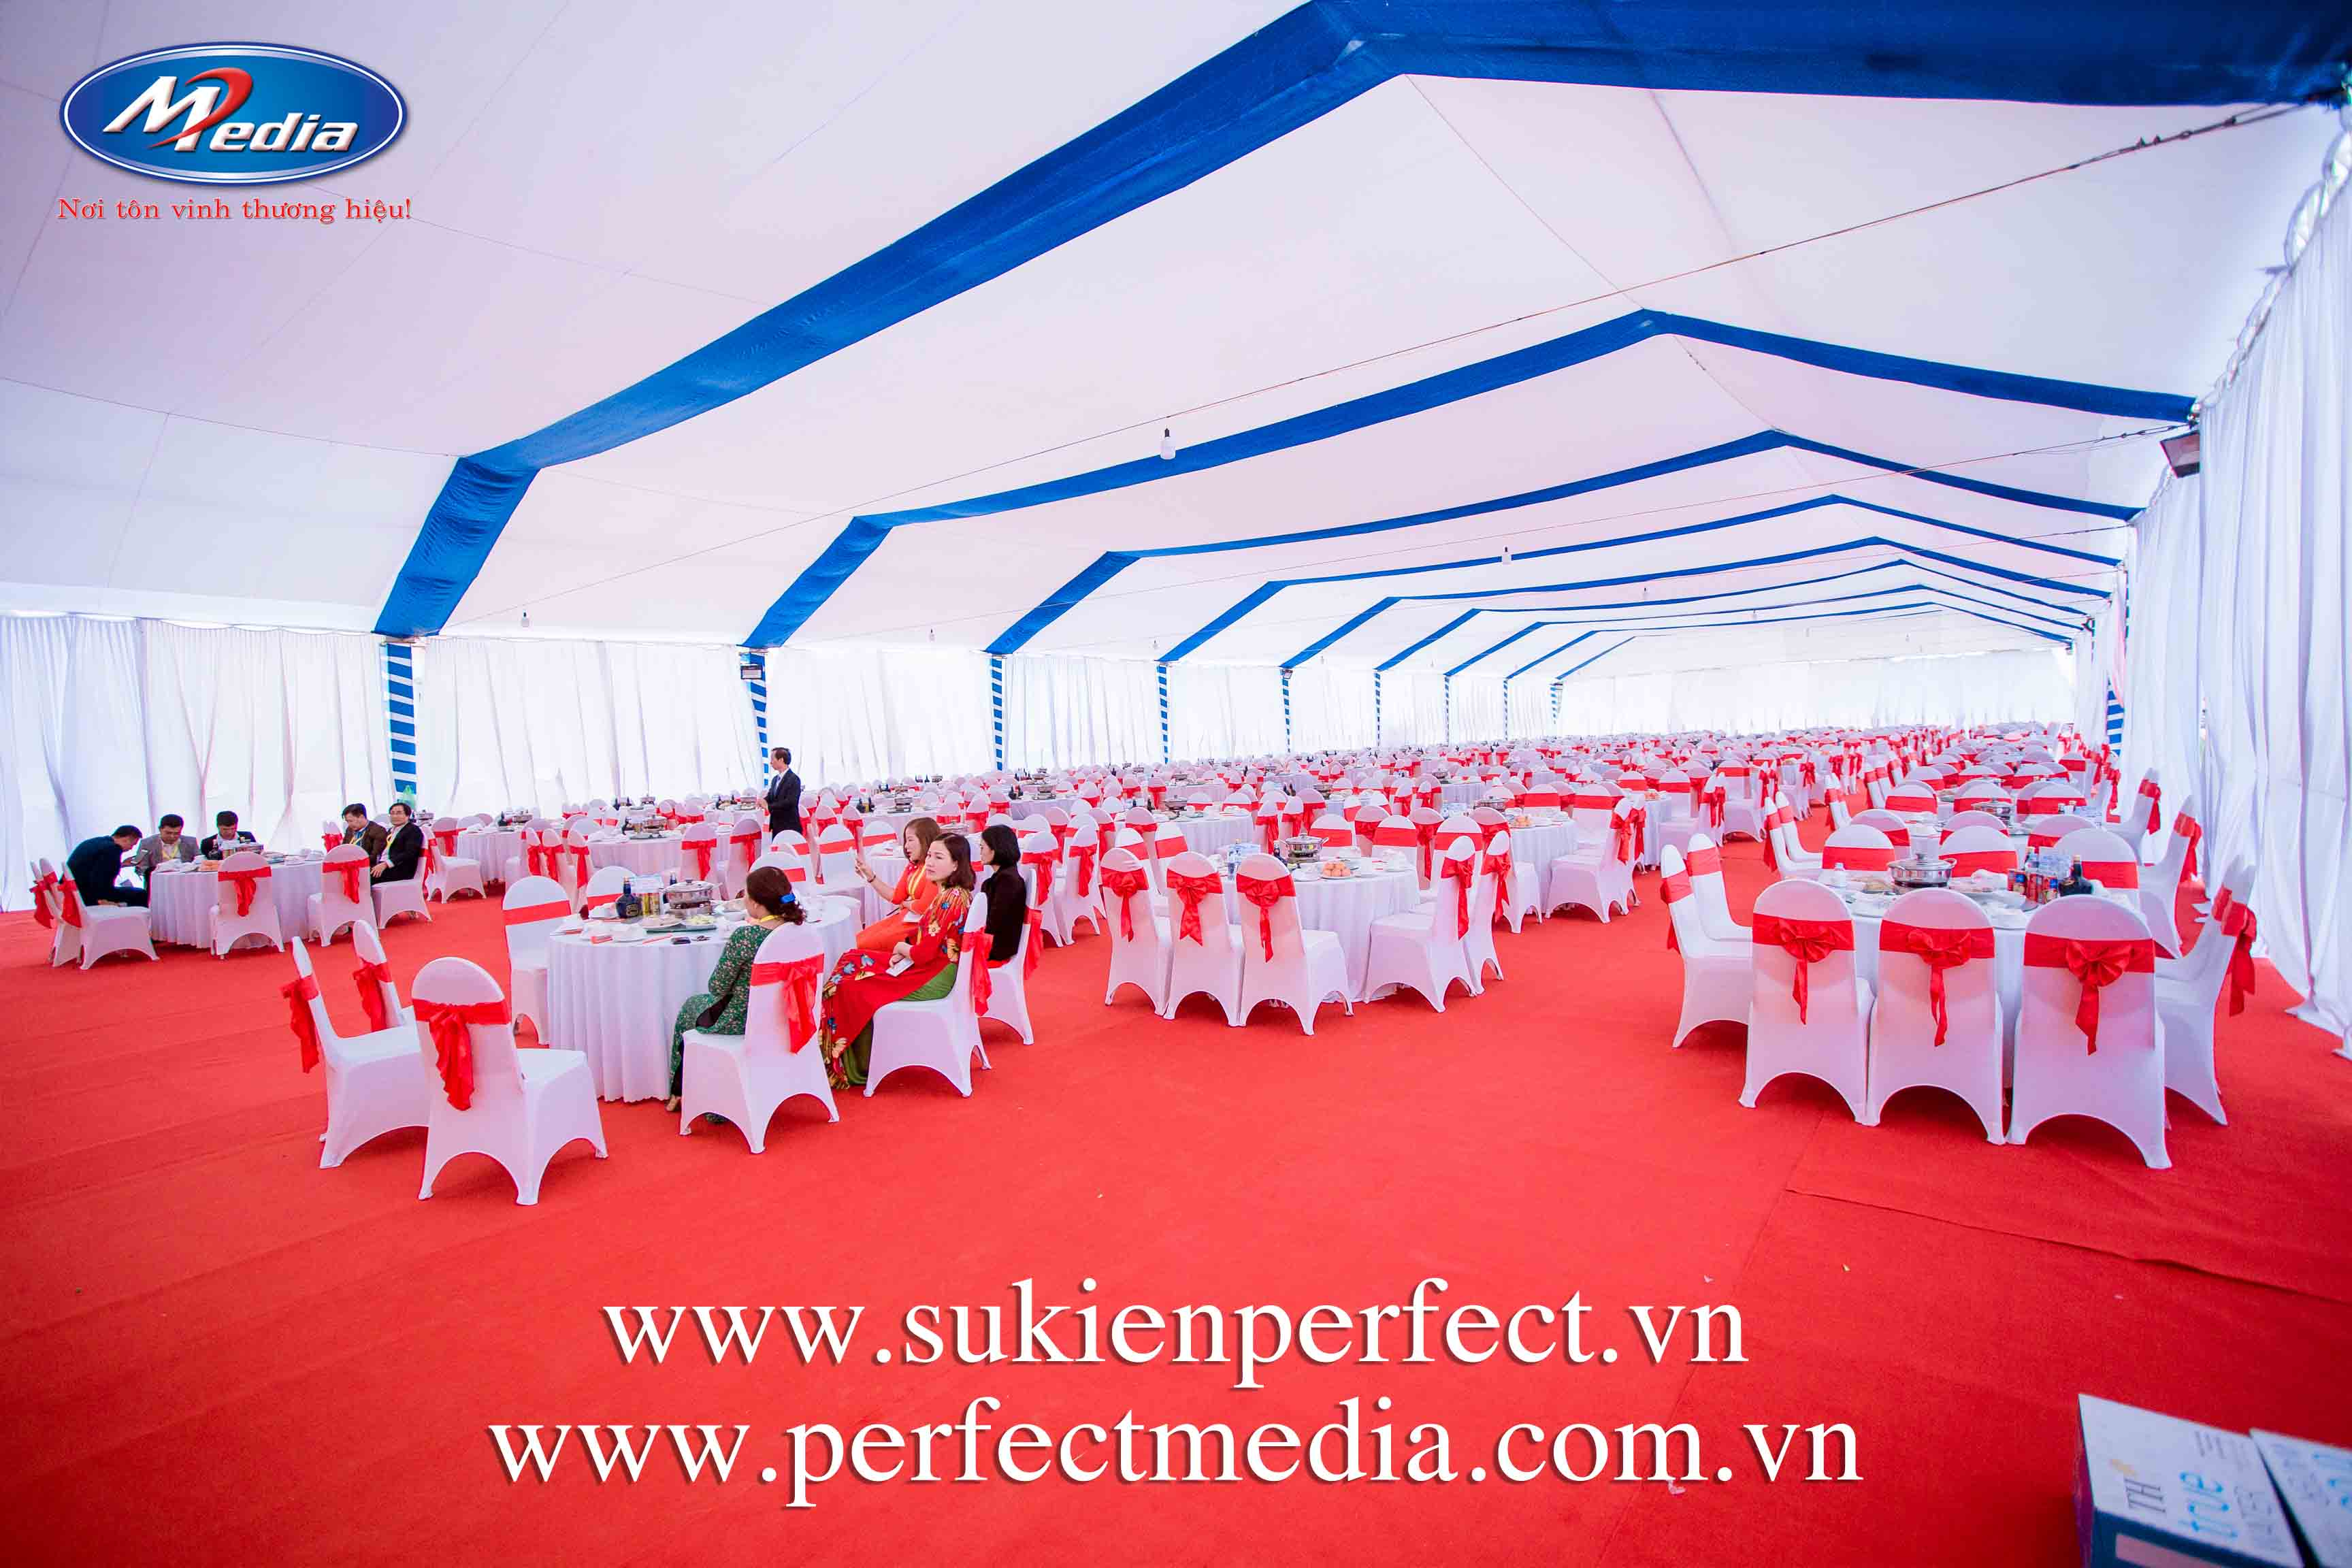 tổ chức sự kiện kỷ niệm thành lập và tri ân khách hàng chuyên nghiệp tại Thái Bình